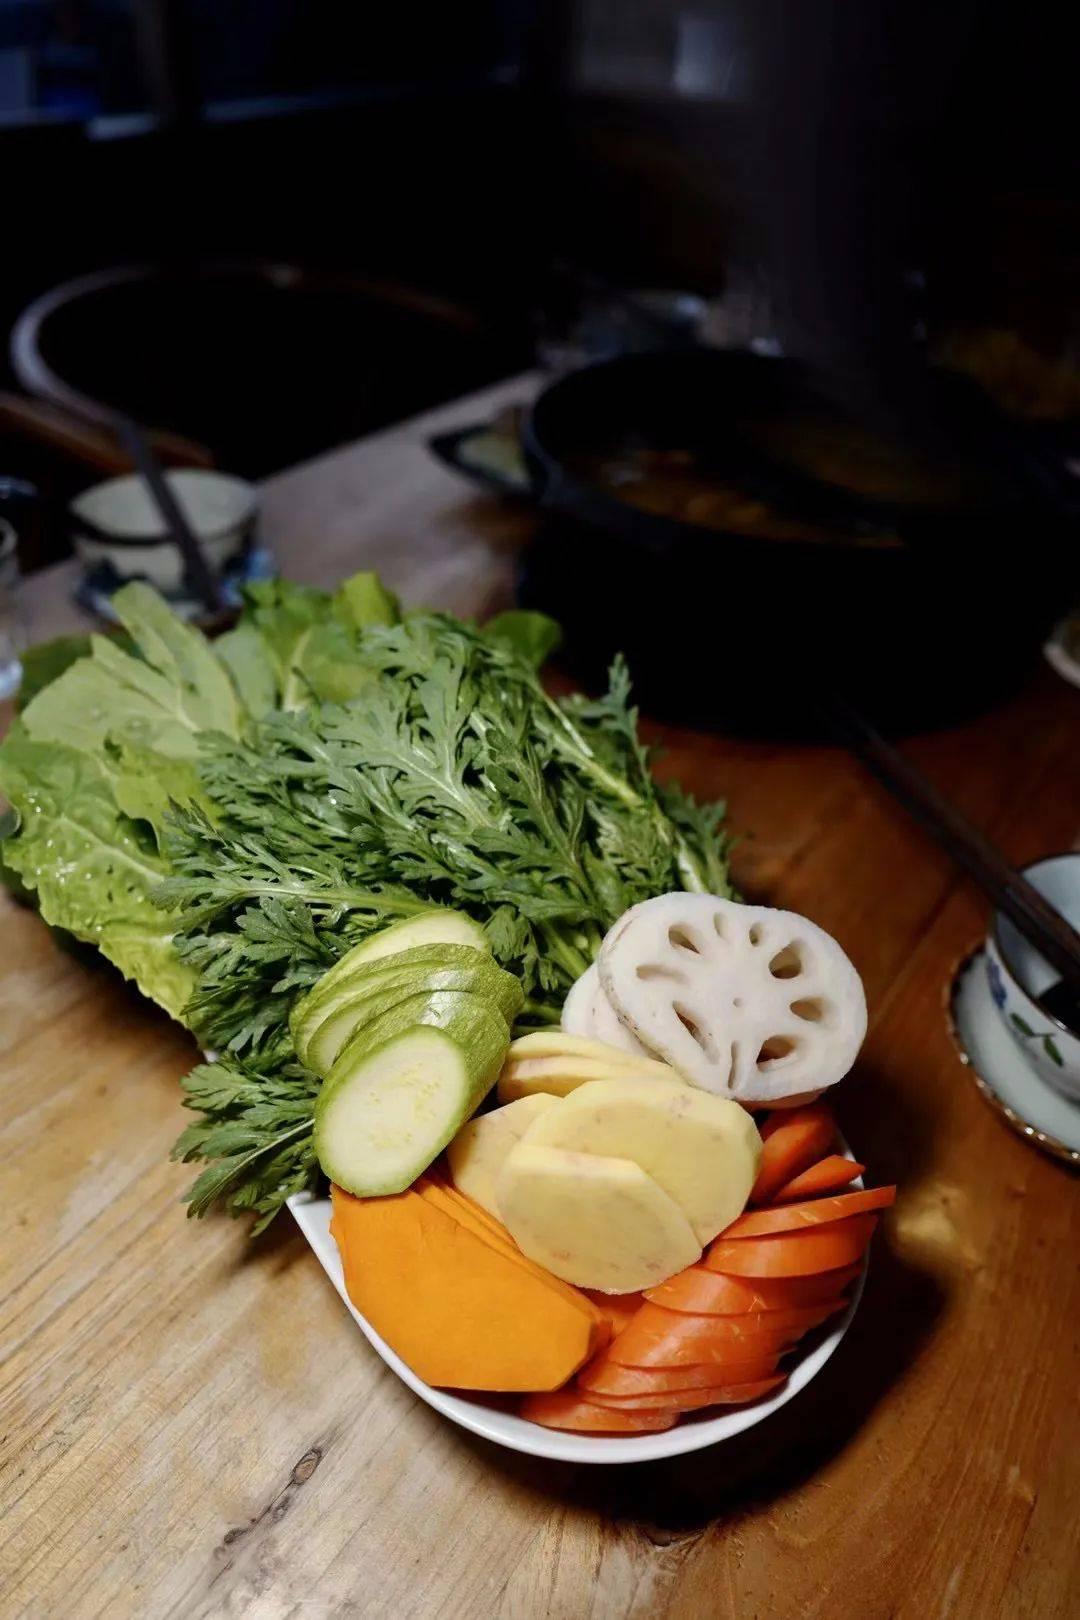 神婆私藏中古食谱⑩大理吃吃吃的12小时里总有一道菜让你忘了今天是星期几